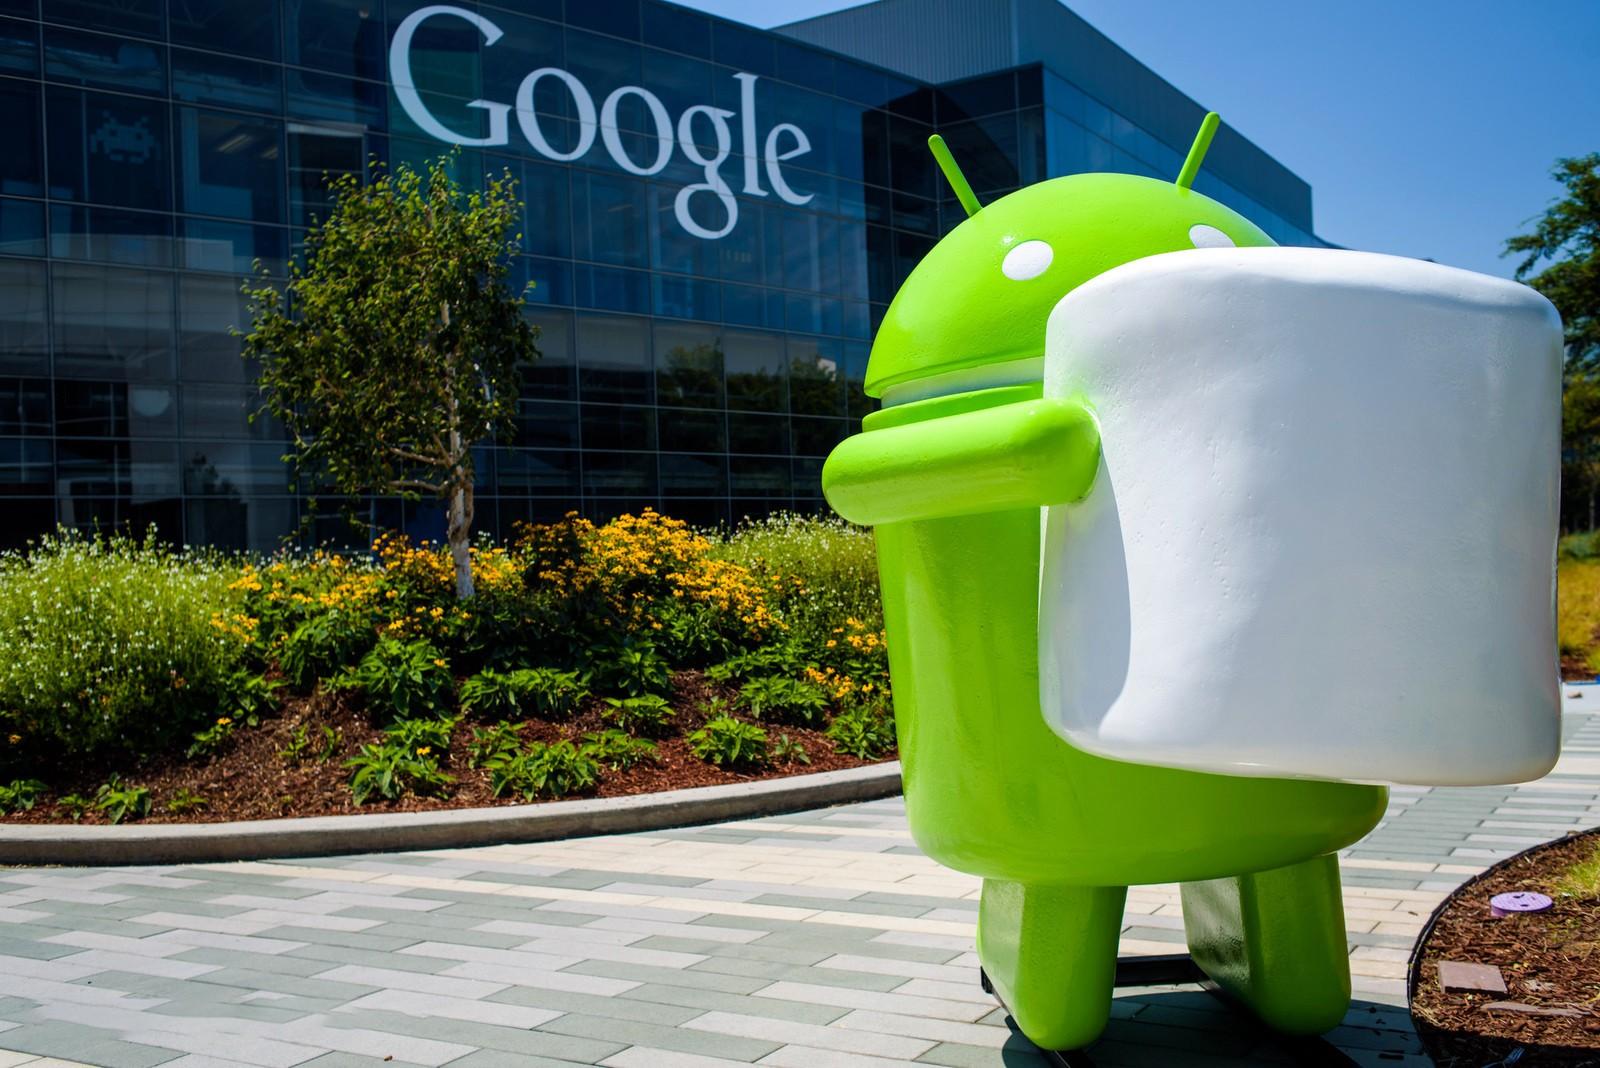 Android 6.0.1 - Google chính thức phát hành Android 6.0.1